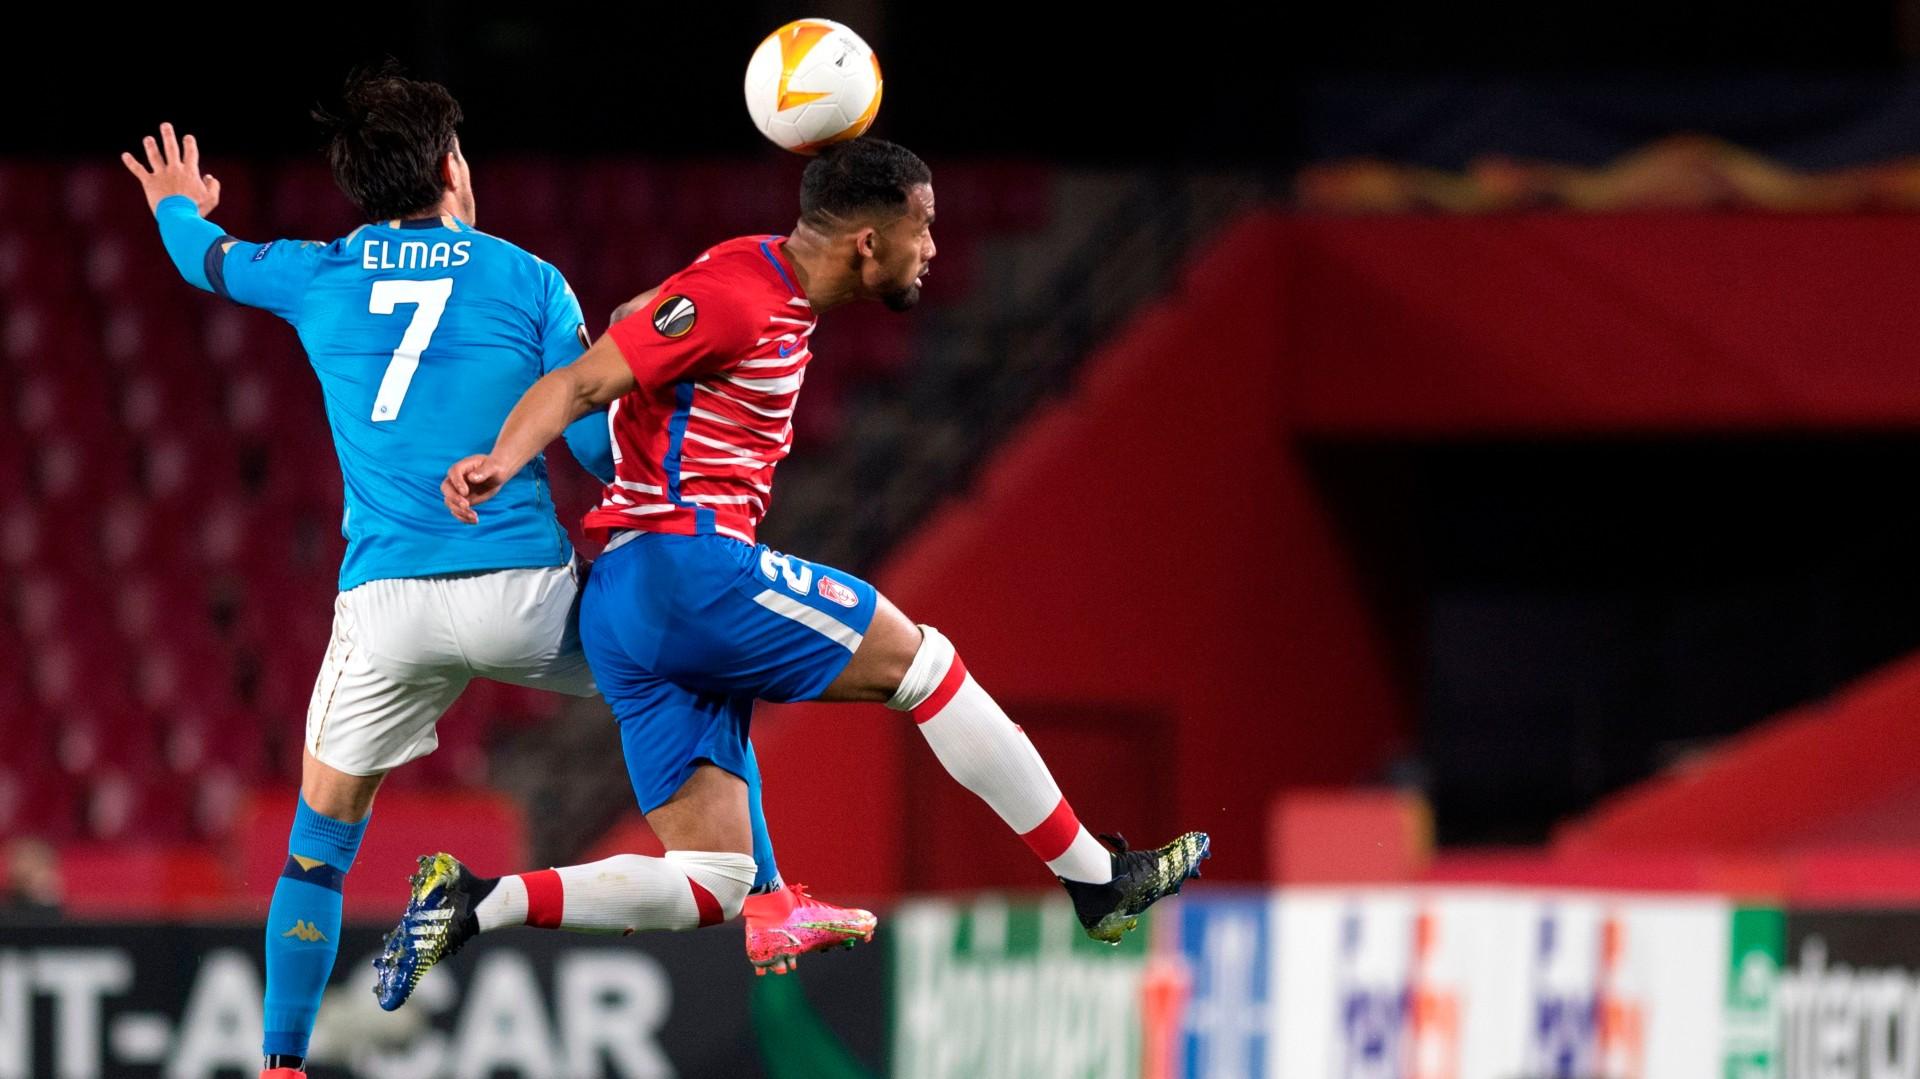 Napoli-Granada, le formazioni ufficiali: Elmas a sinistra nel 3-4-1-2